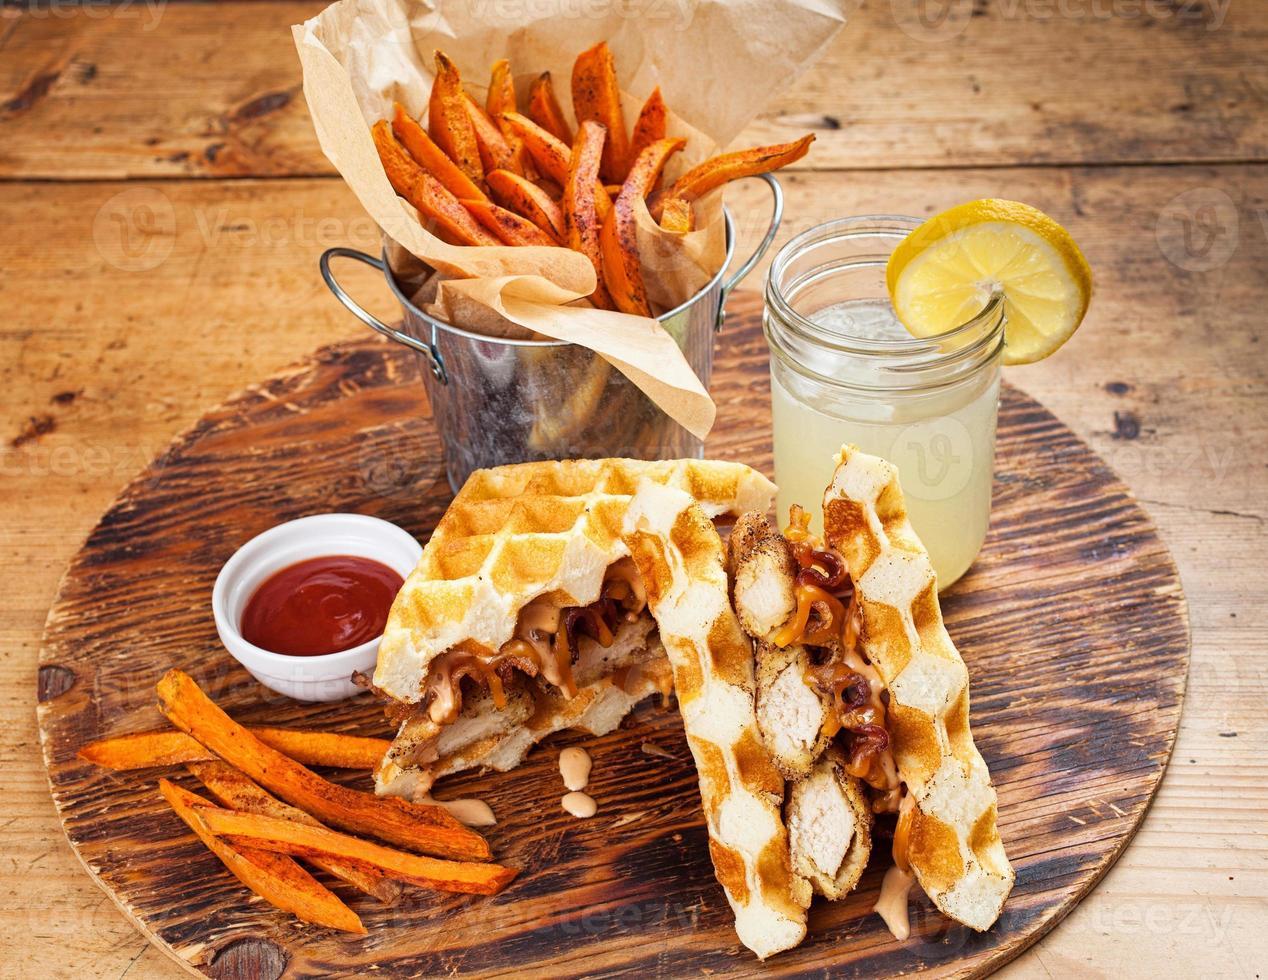 sanduíche de frango e waffle com batatas fritas foto